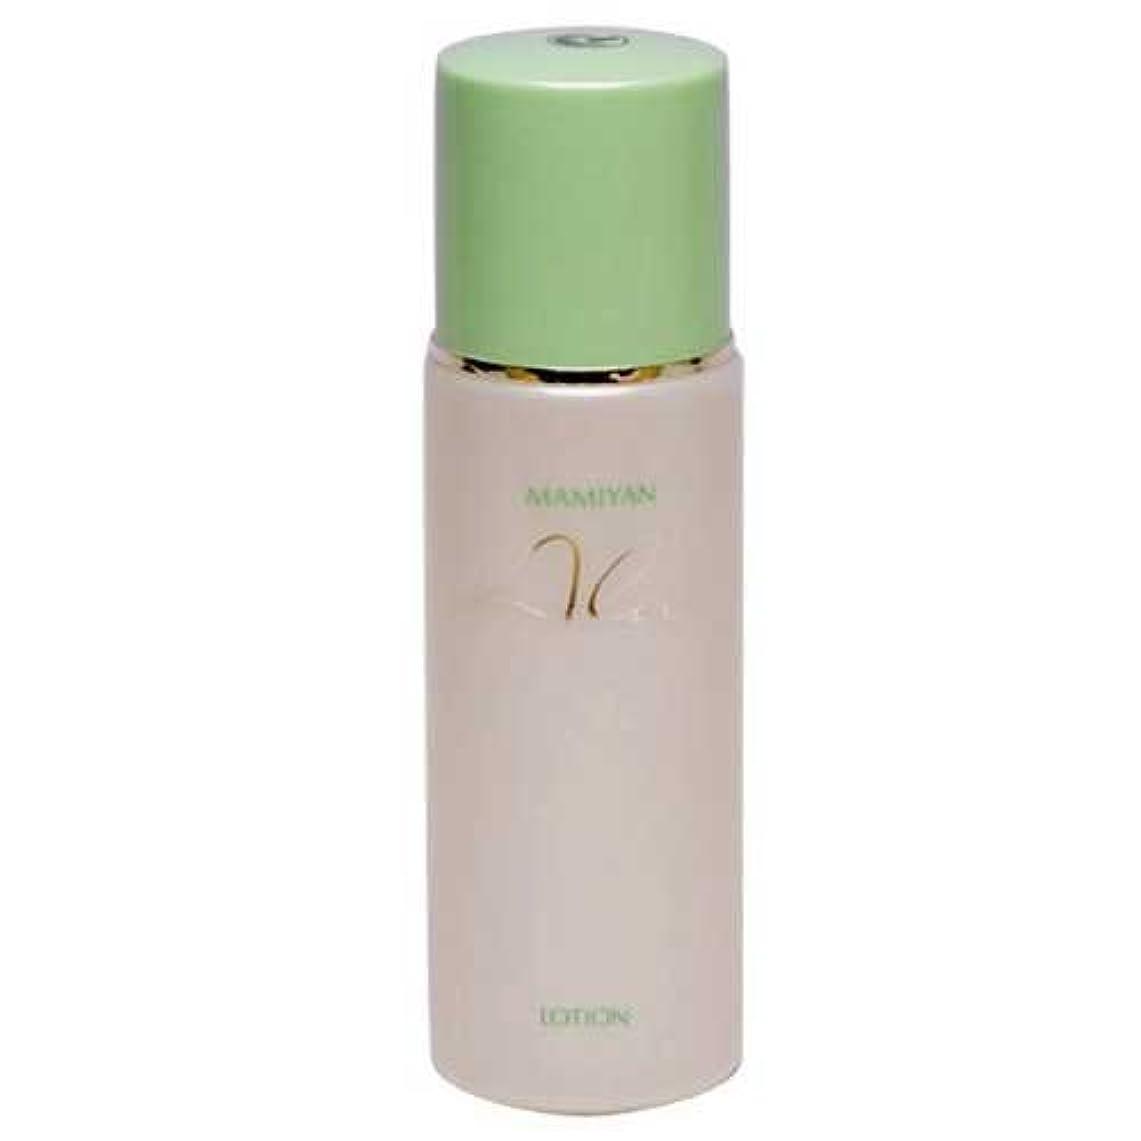 強い暫定のチューインガムマミヤンアロエ基礎化粧品シリーズ アロエローション 120ml 肌にやさしくなじむ化粧水